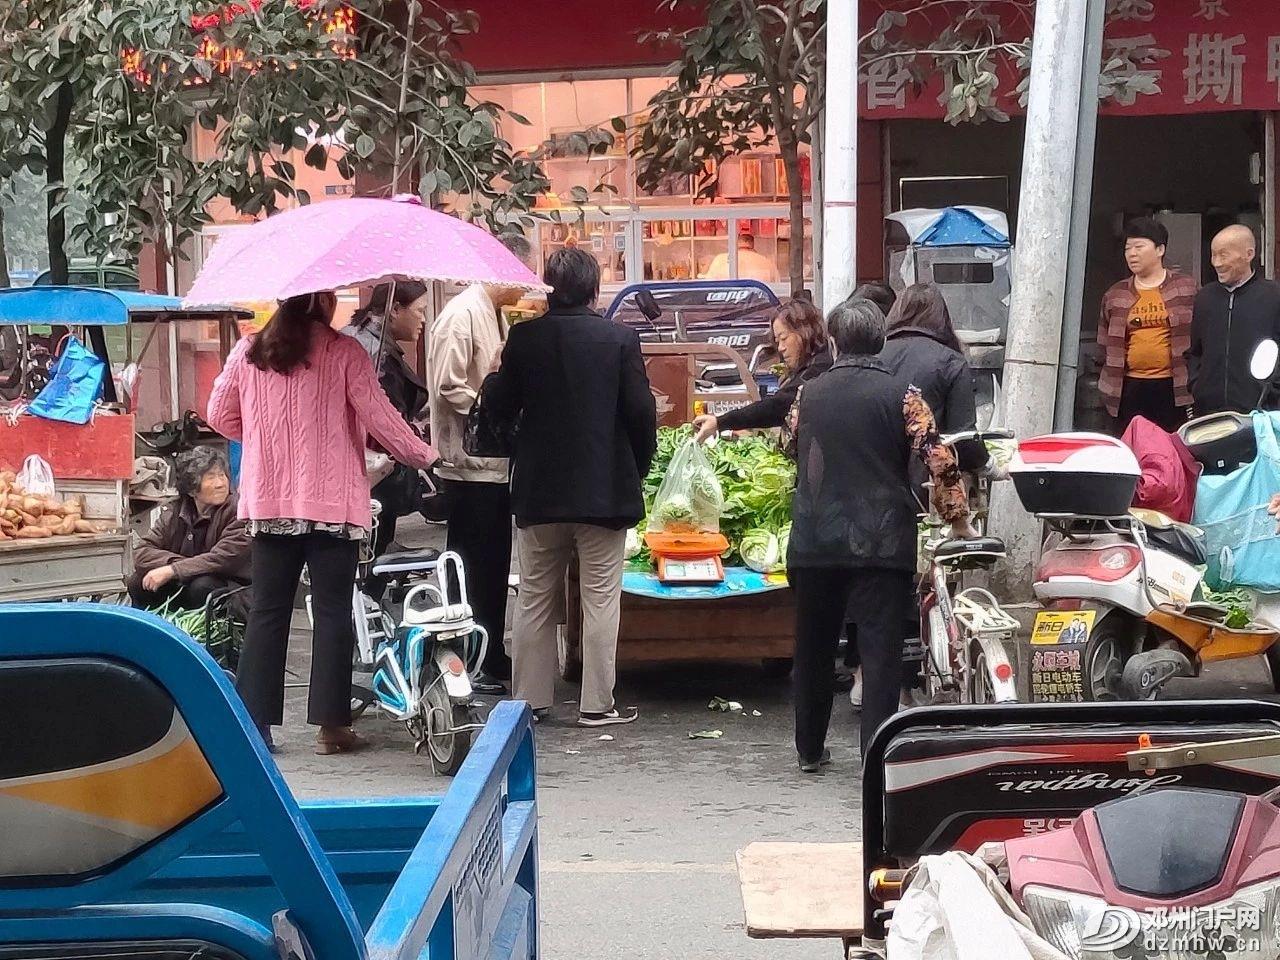 最新!凌晨6点,邓州菜市场拍到的一幕… - 邓州门户网 邓州网 - abf6e2c2b347adb9597b3a823026c043.jpg